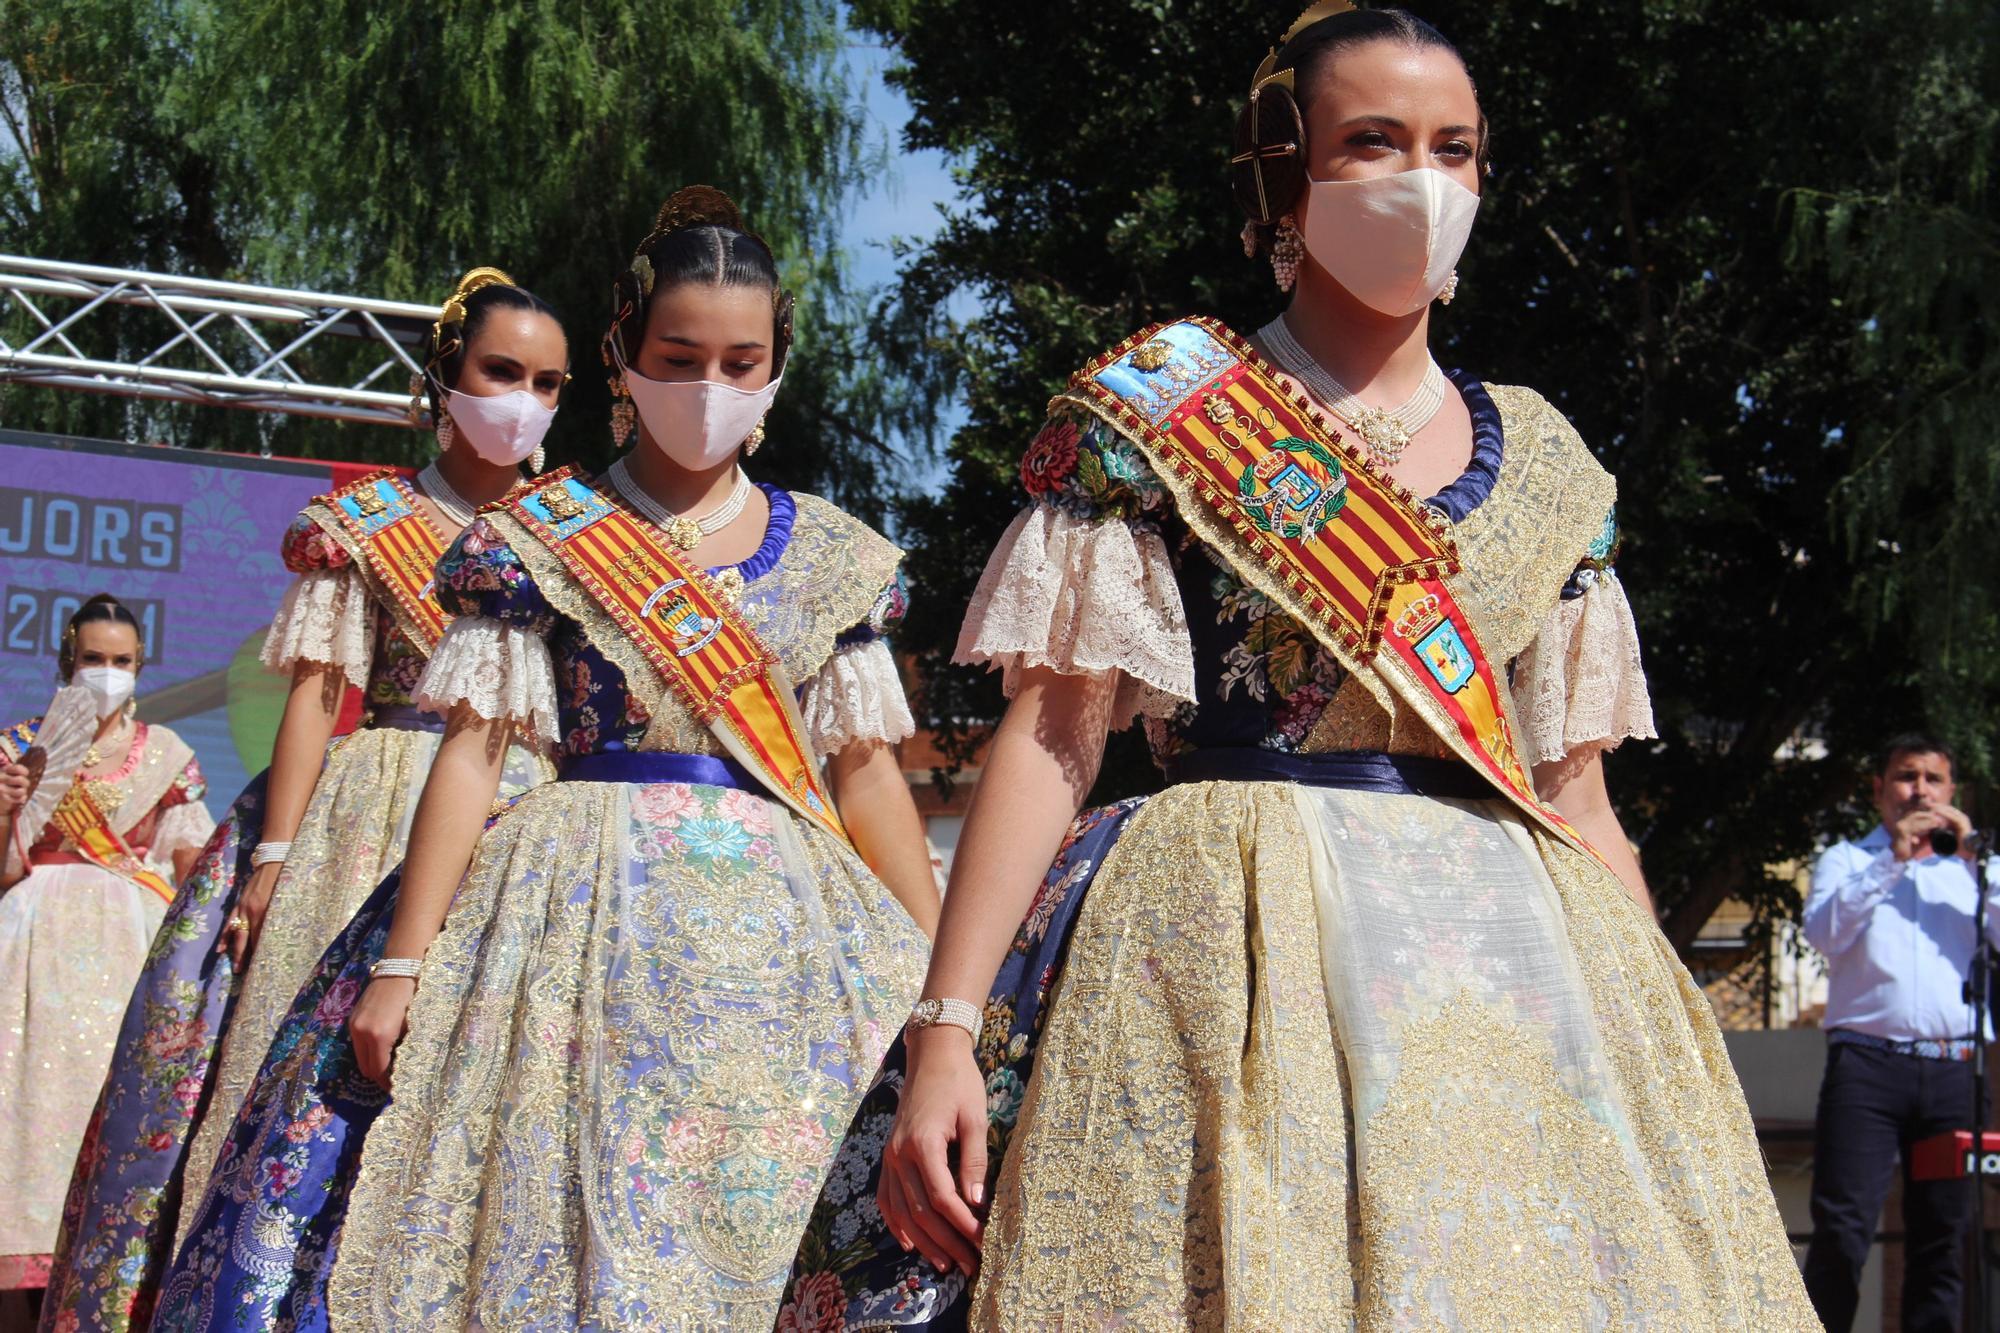 Las Juntas Locales recuperan en Moncada su reunión anual